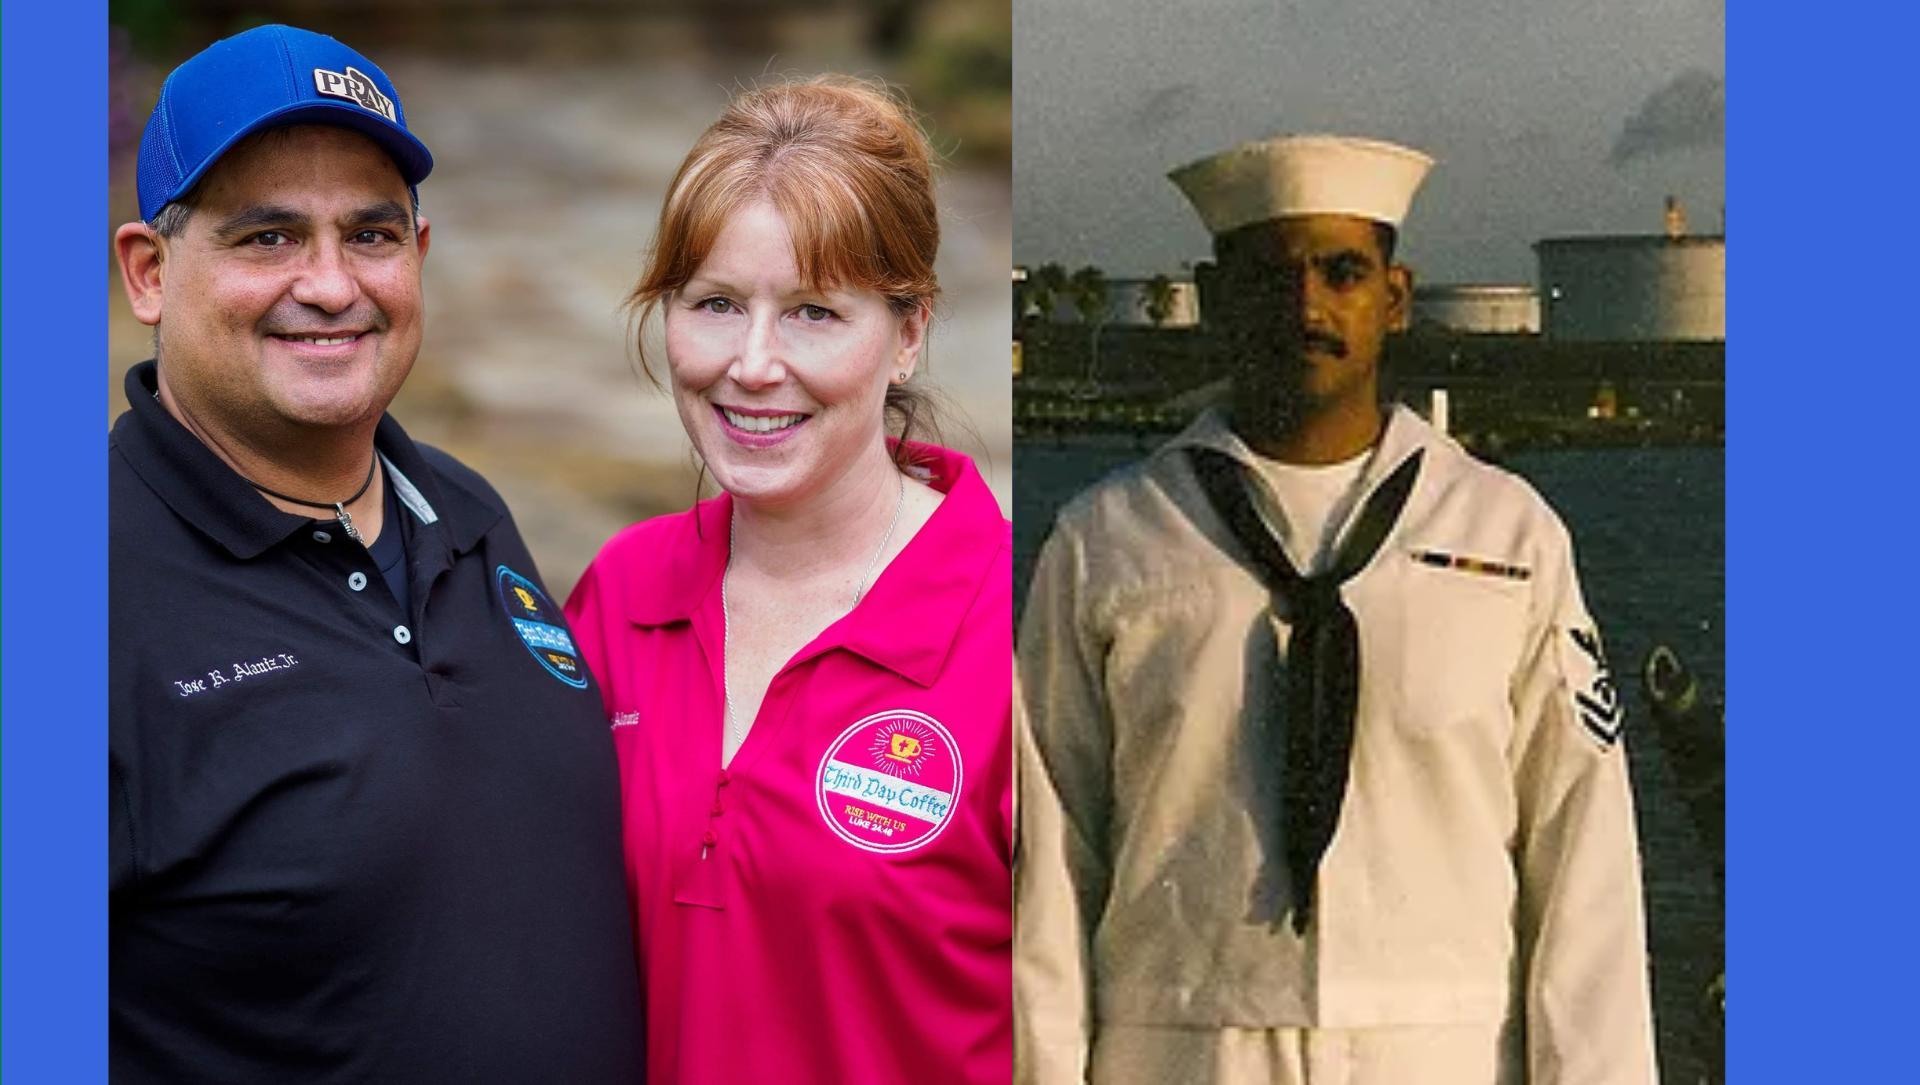 011 - Navy Veteran Jose Alaniz